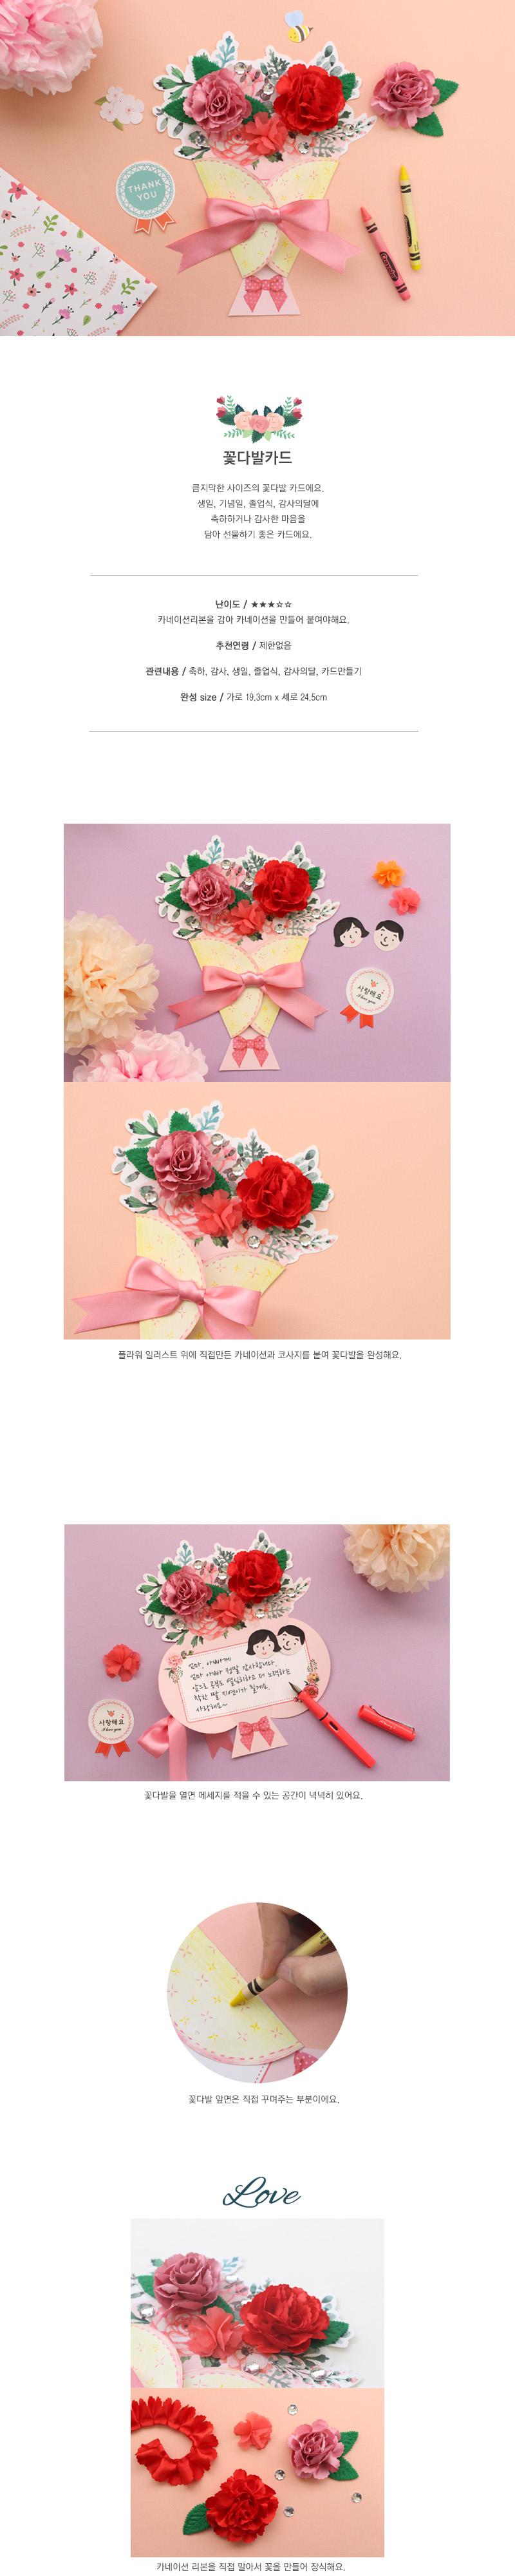 꽃다발카드 5set - 도토리클래스, 12,000원, 카드, 감사 카드